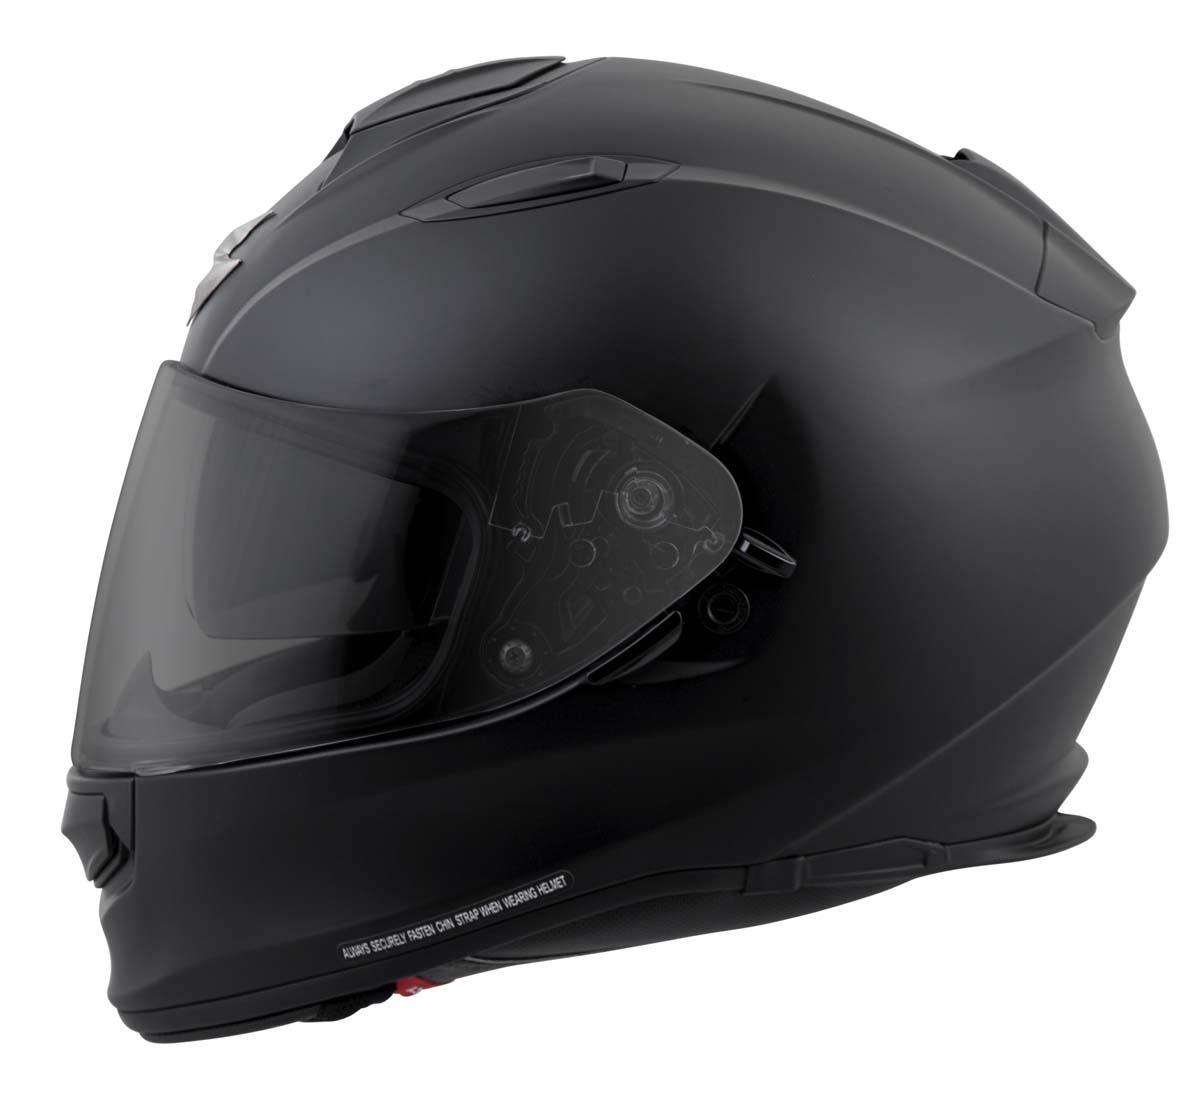 Scorpion-EXO-T510-Helmet-Full-Face-DOT-Approved-Inner-Sun-Shield miniature 3